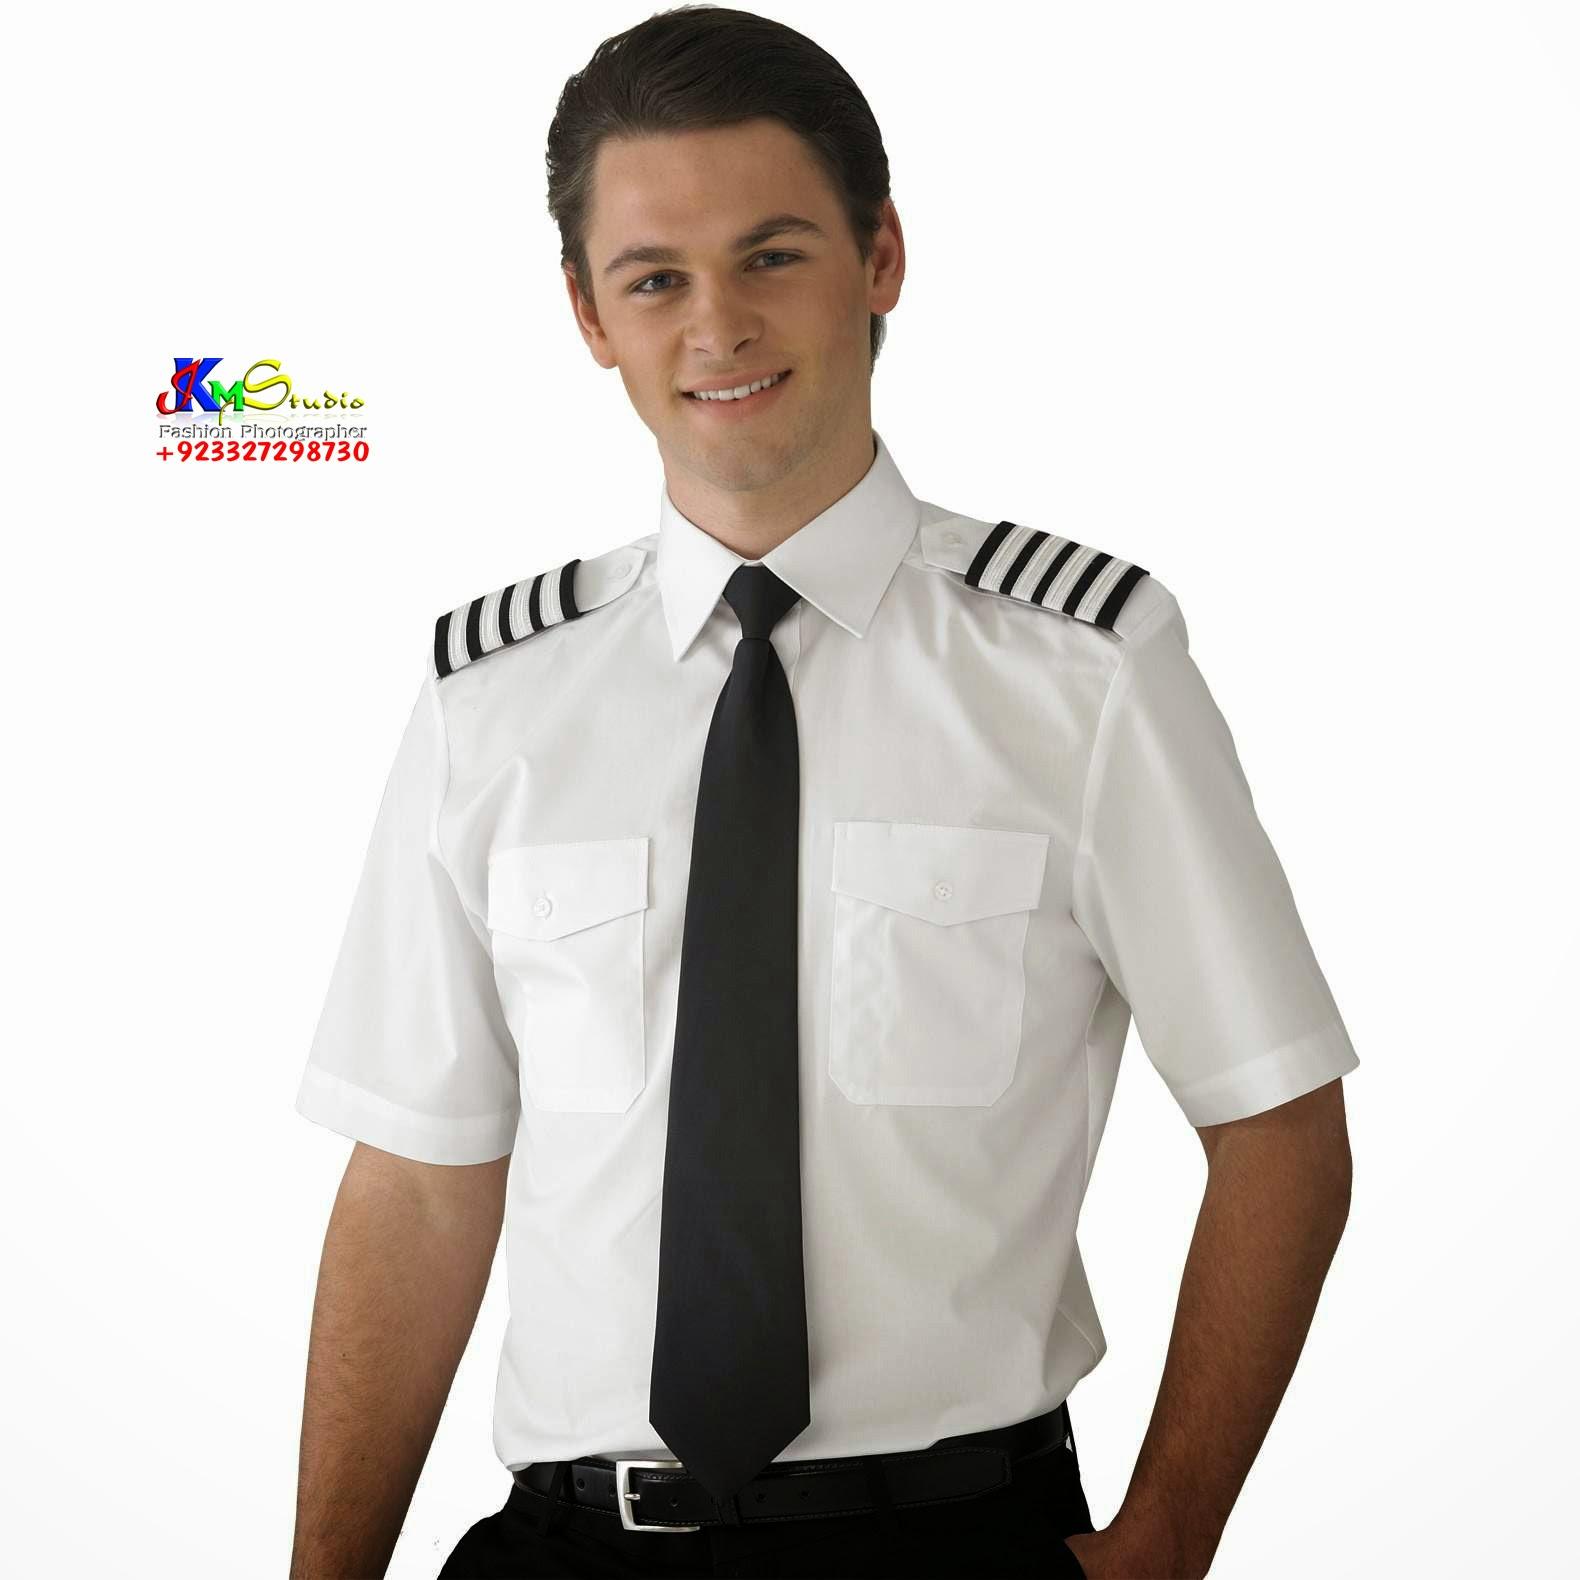 Air hostess man